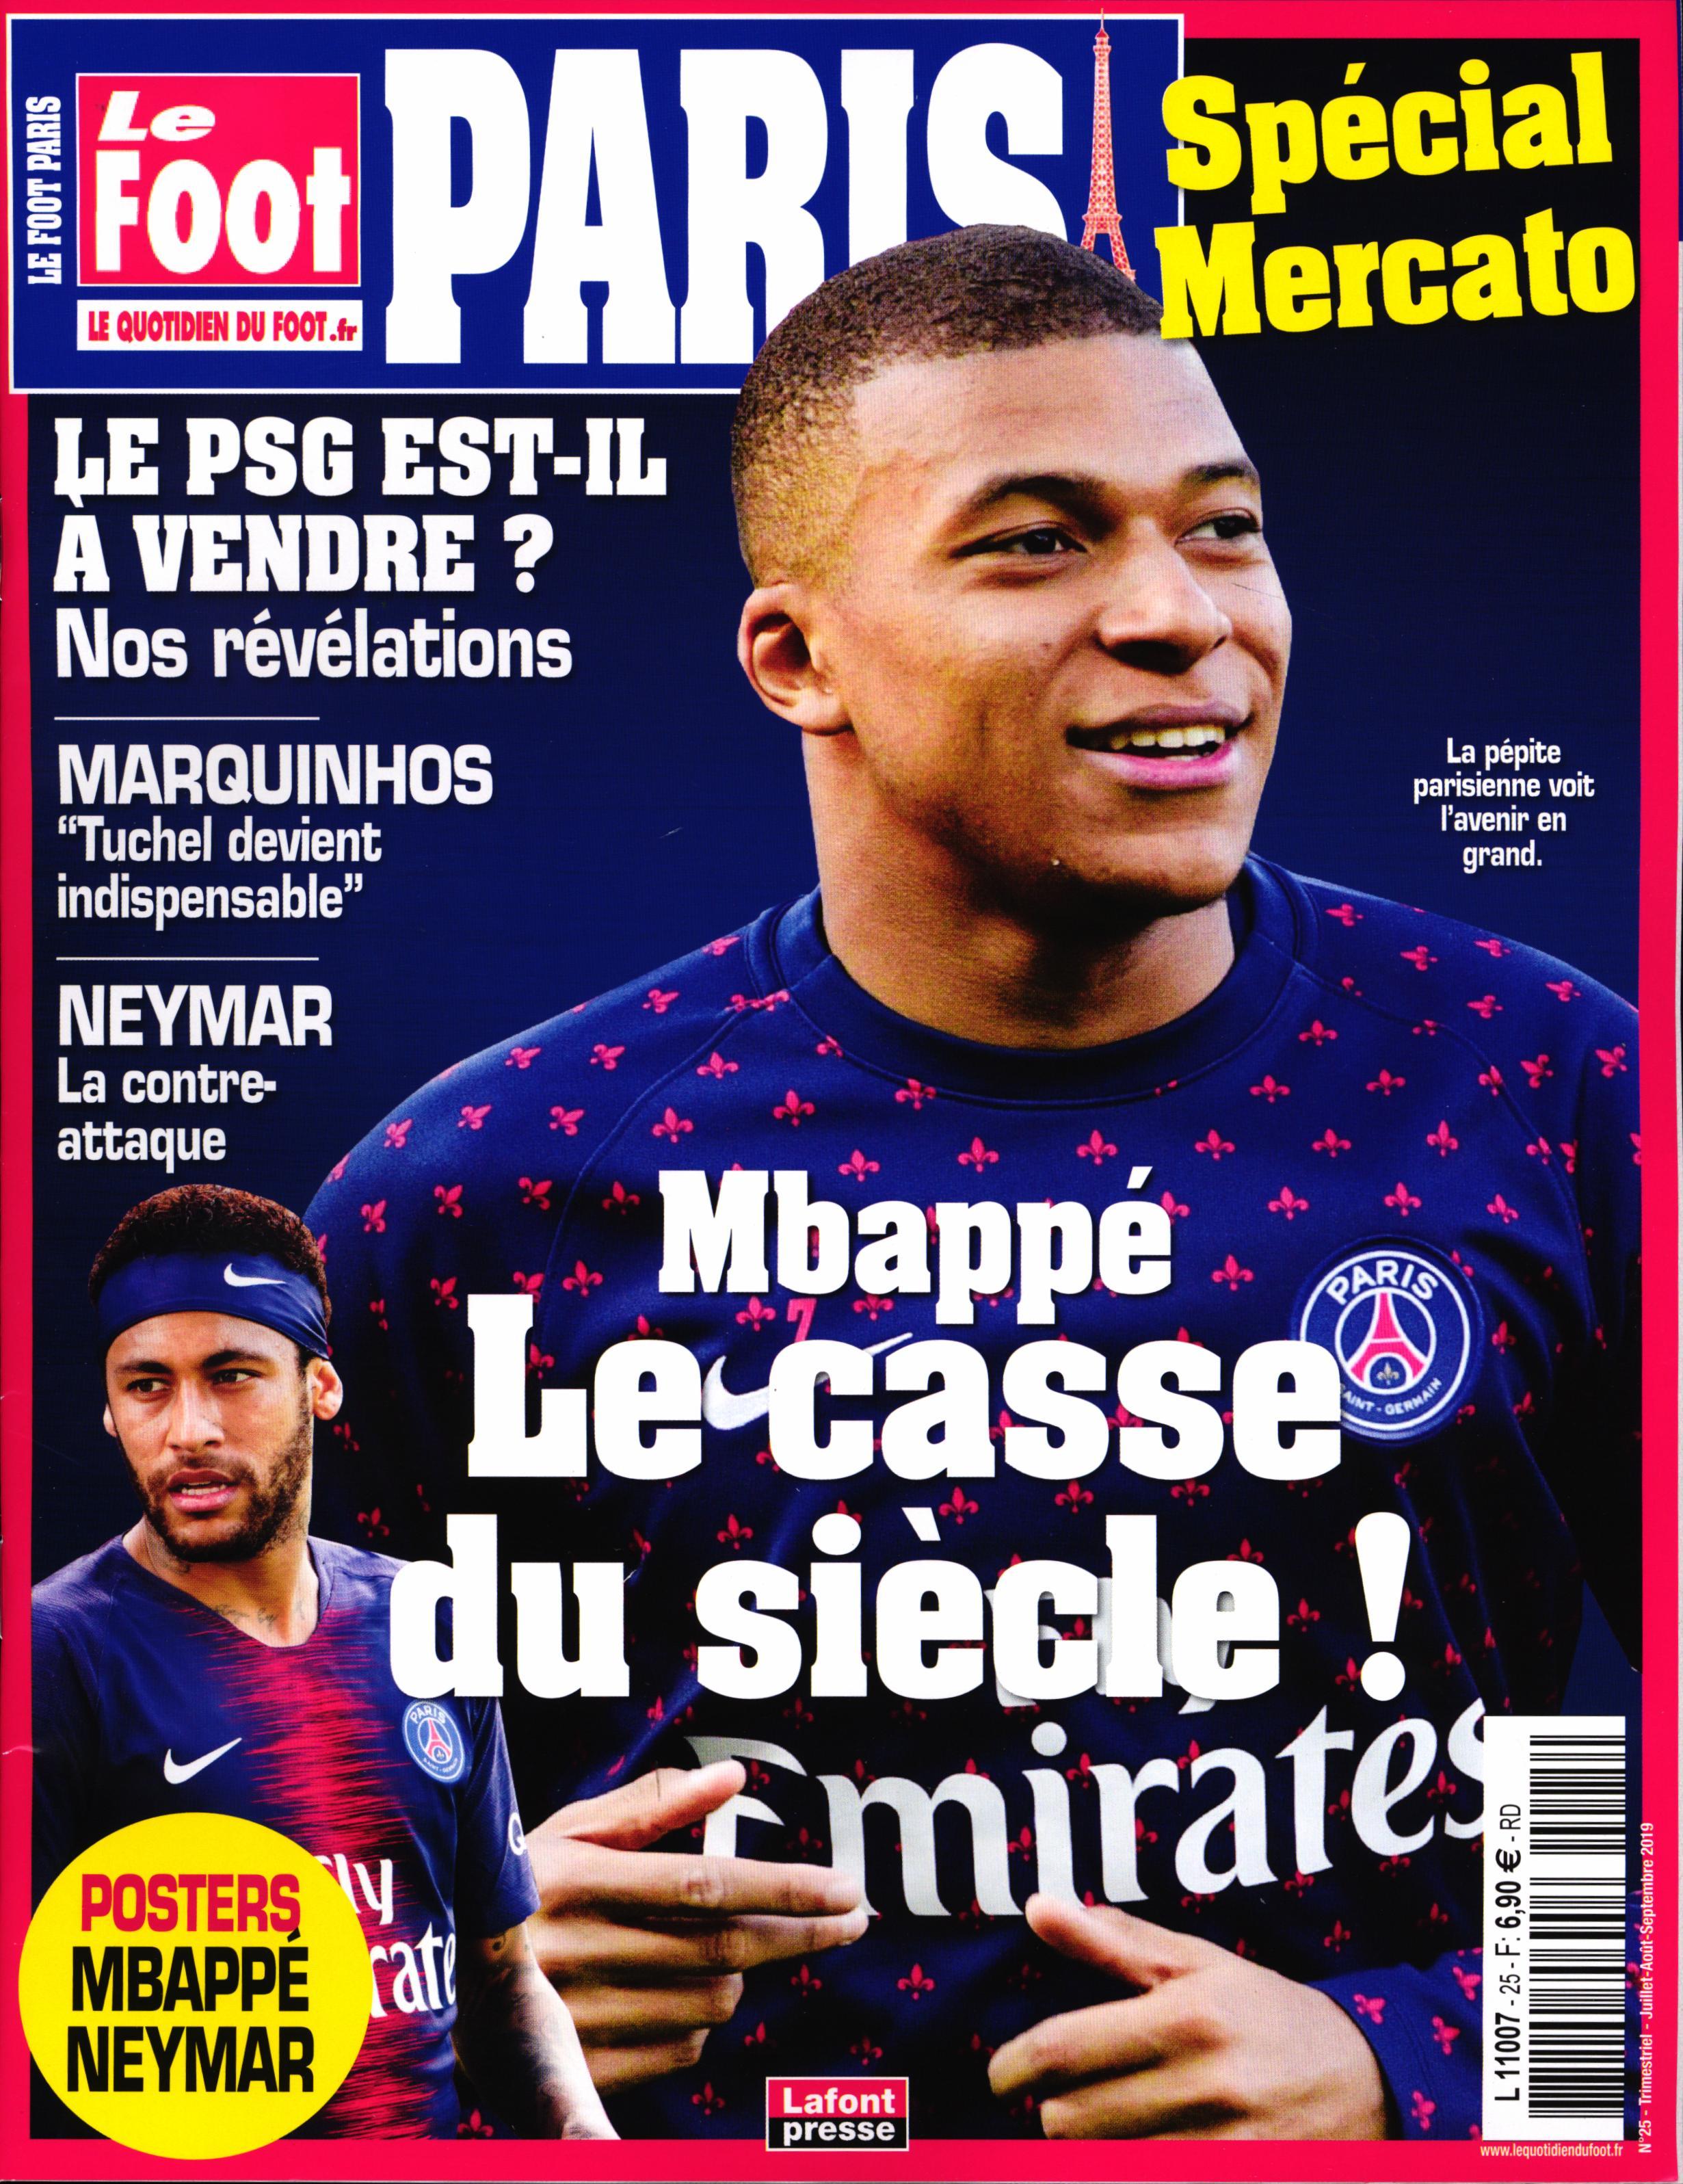 Le Foot Paris Magazine N° 25 Juin 2019